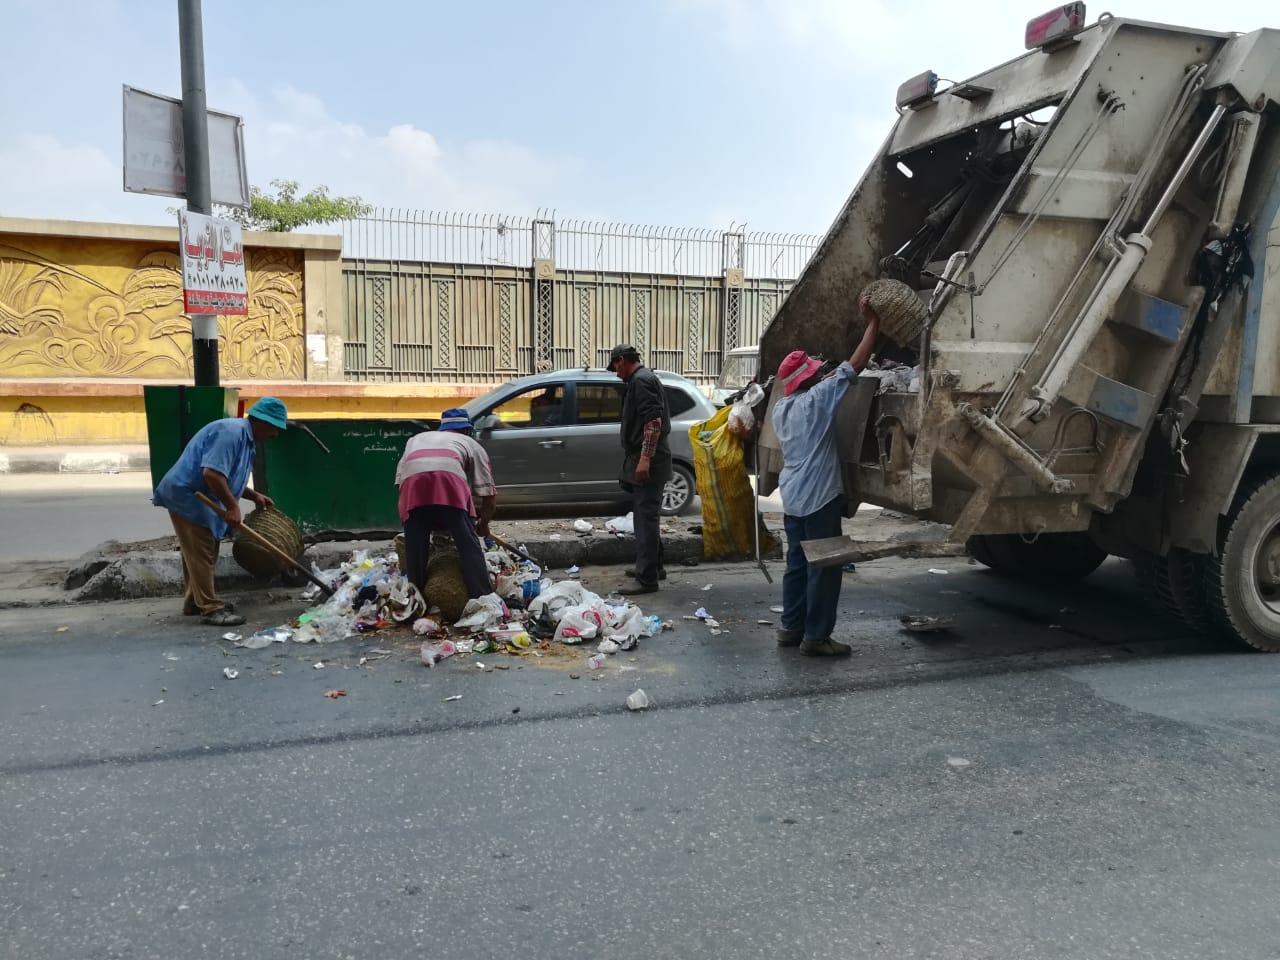 حملات لرفع كفاءة ونظافة الطرق بالزقازيق